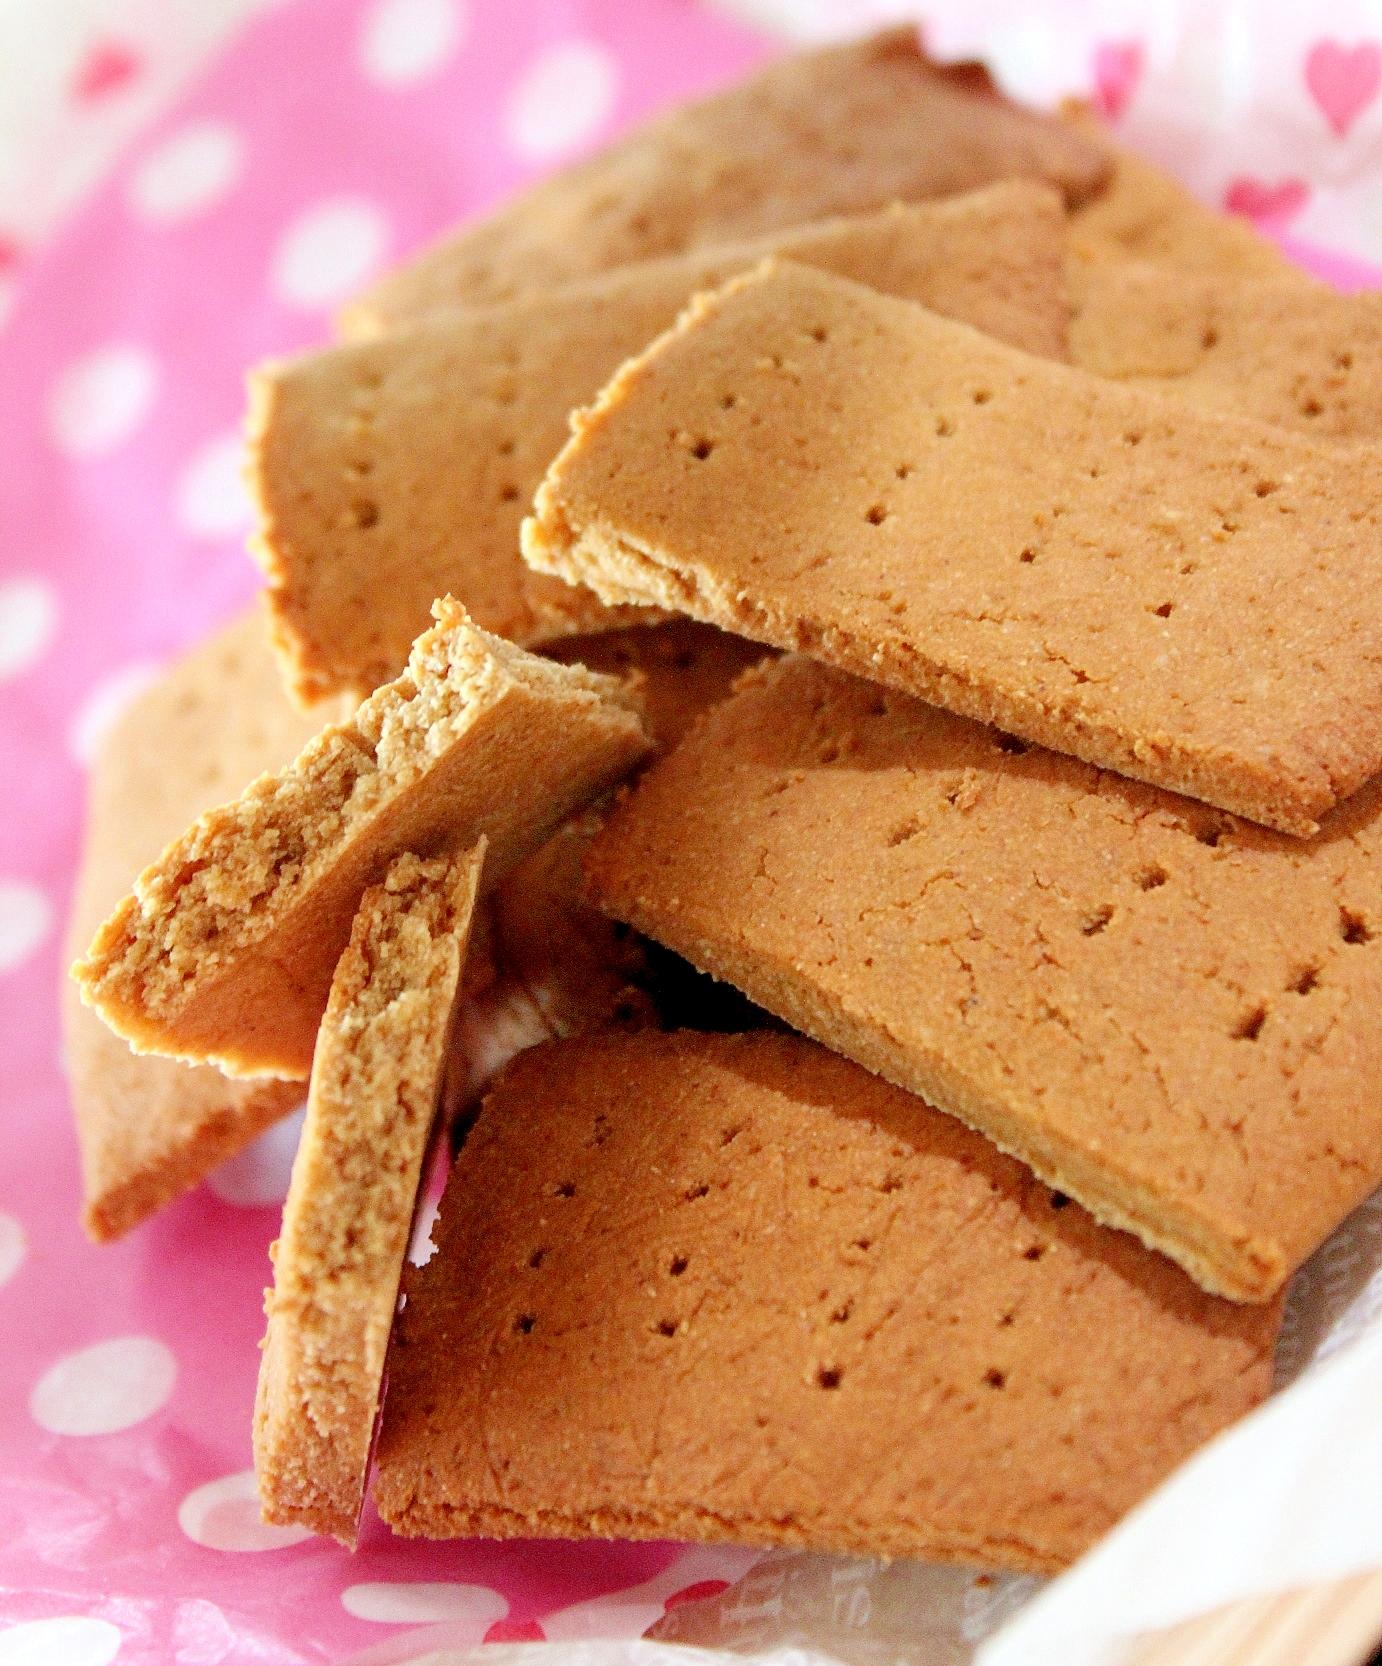 米ブラン入ピーナッツの塩ショートブレッド風クッキー